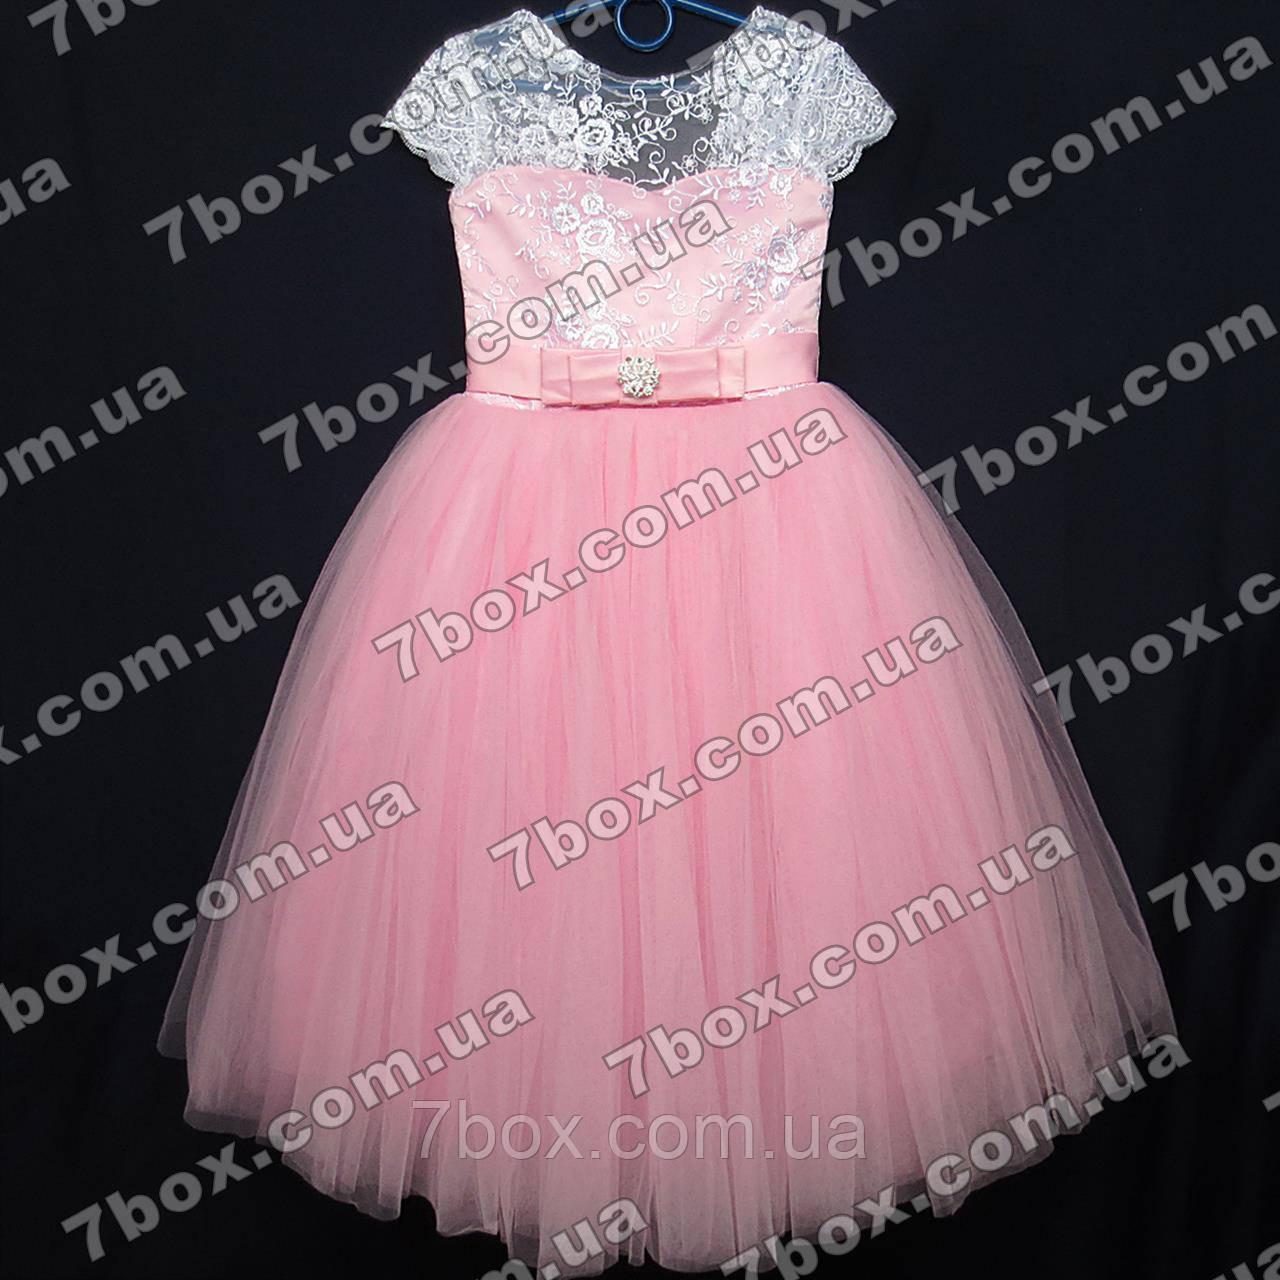 Дитяча сукня бальна Грація (рожеве) Вік 6 років.